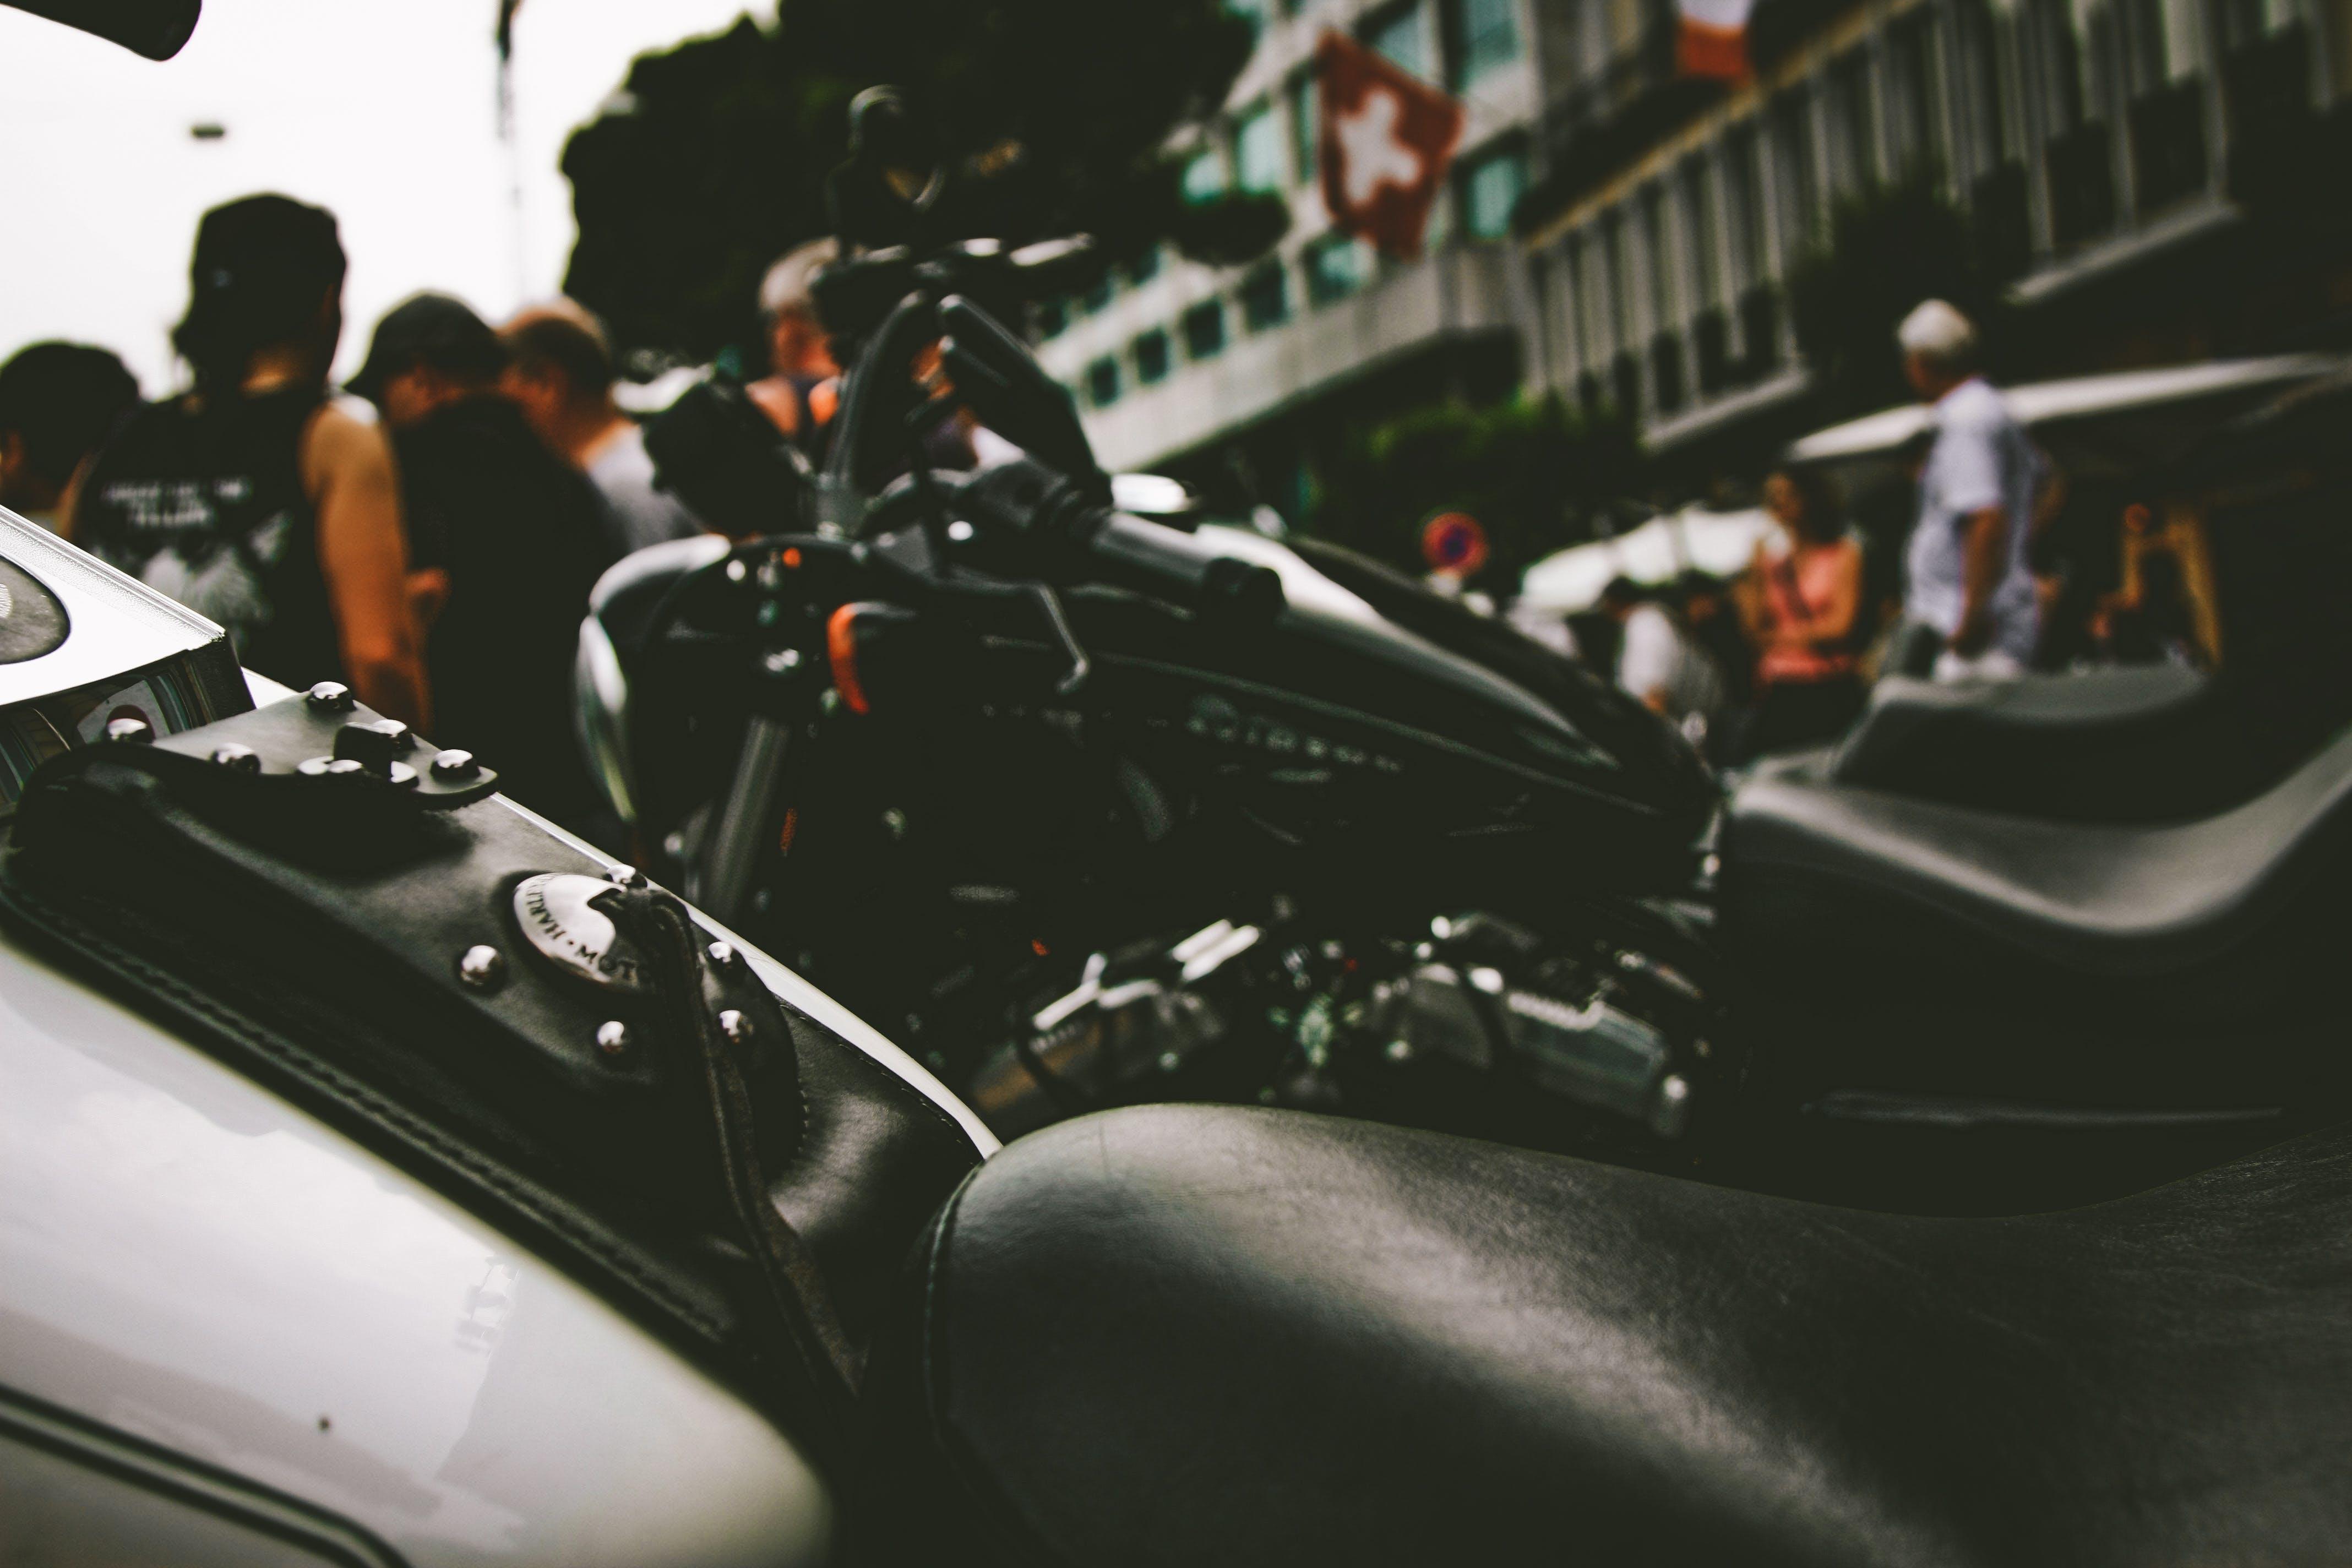 Kostenloses Stock Foto zu festival, fokus, hubschrauber, menge